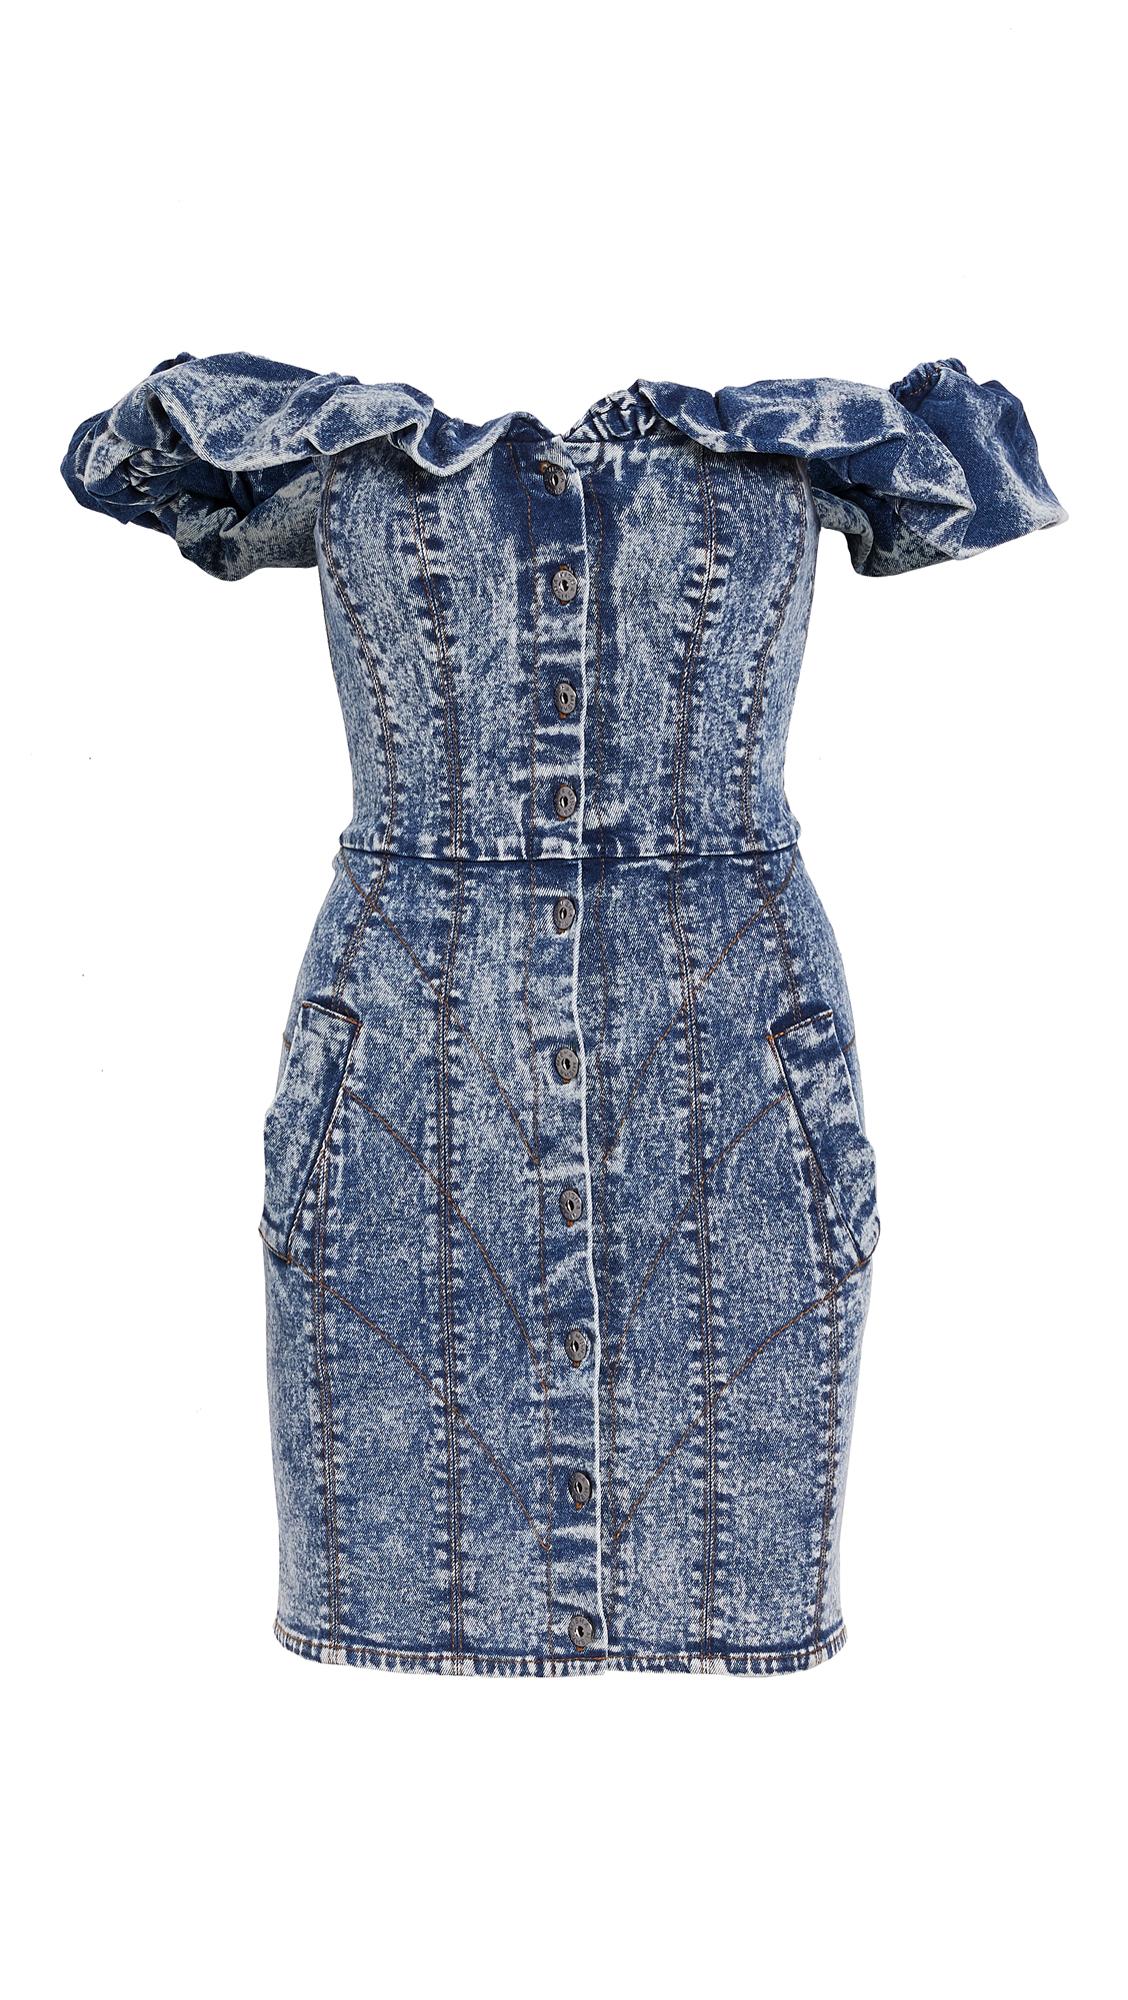 Misha Collection Trisha Dress